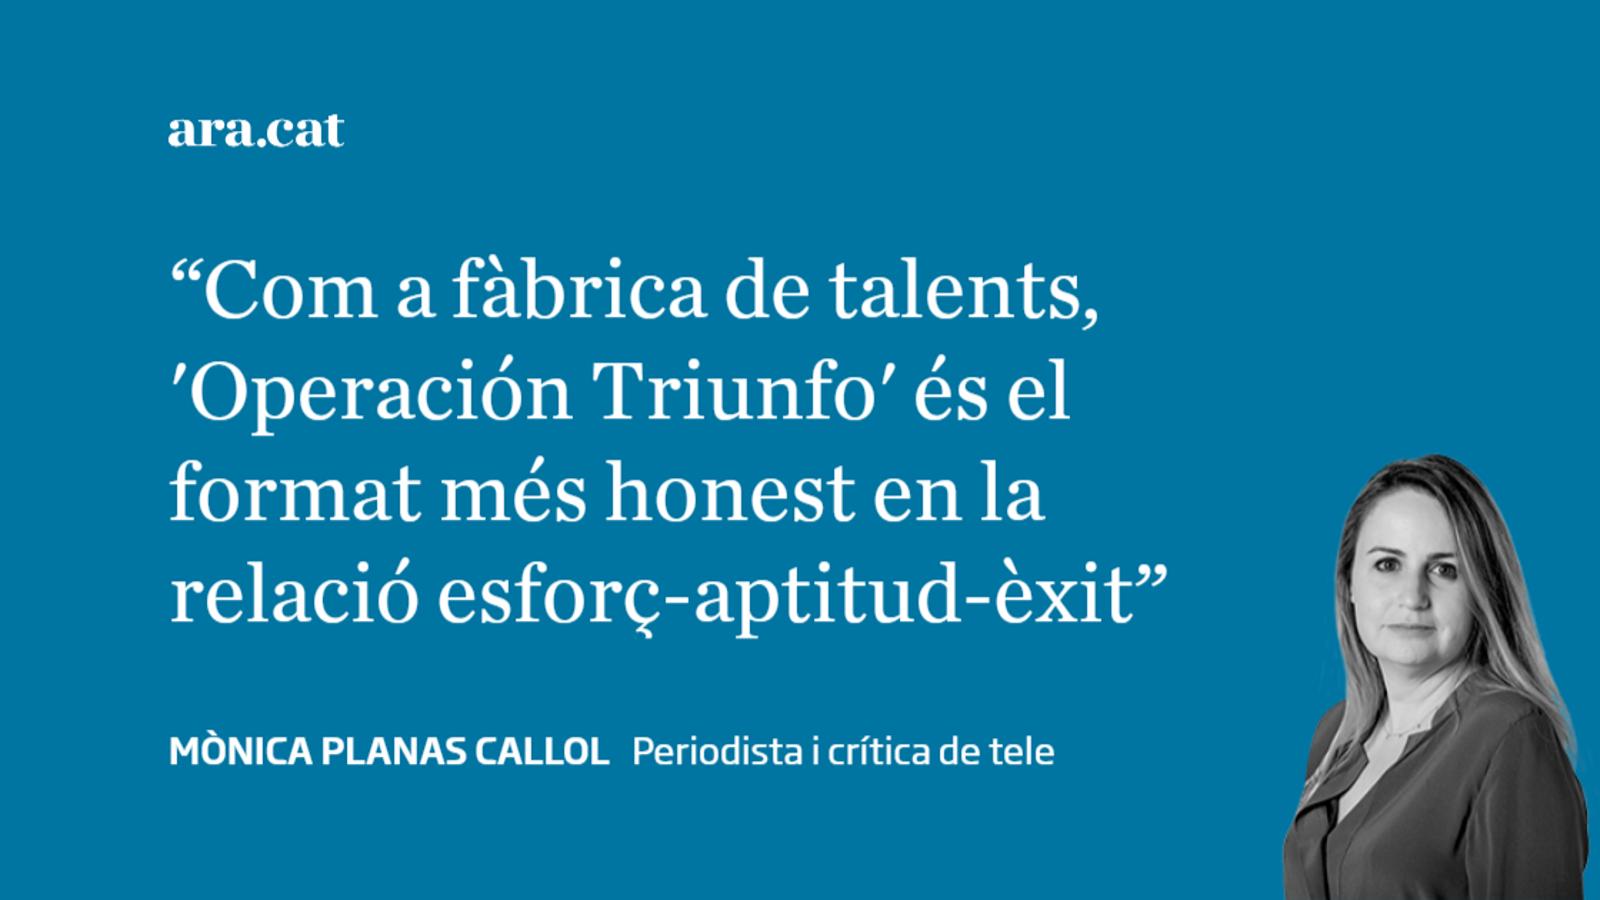 La cultura 'Operación Triunfo'